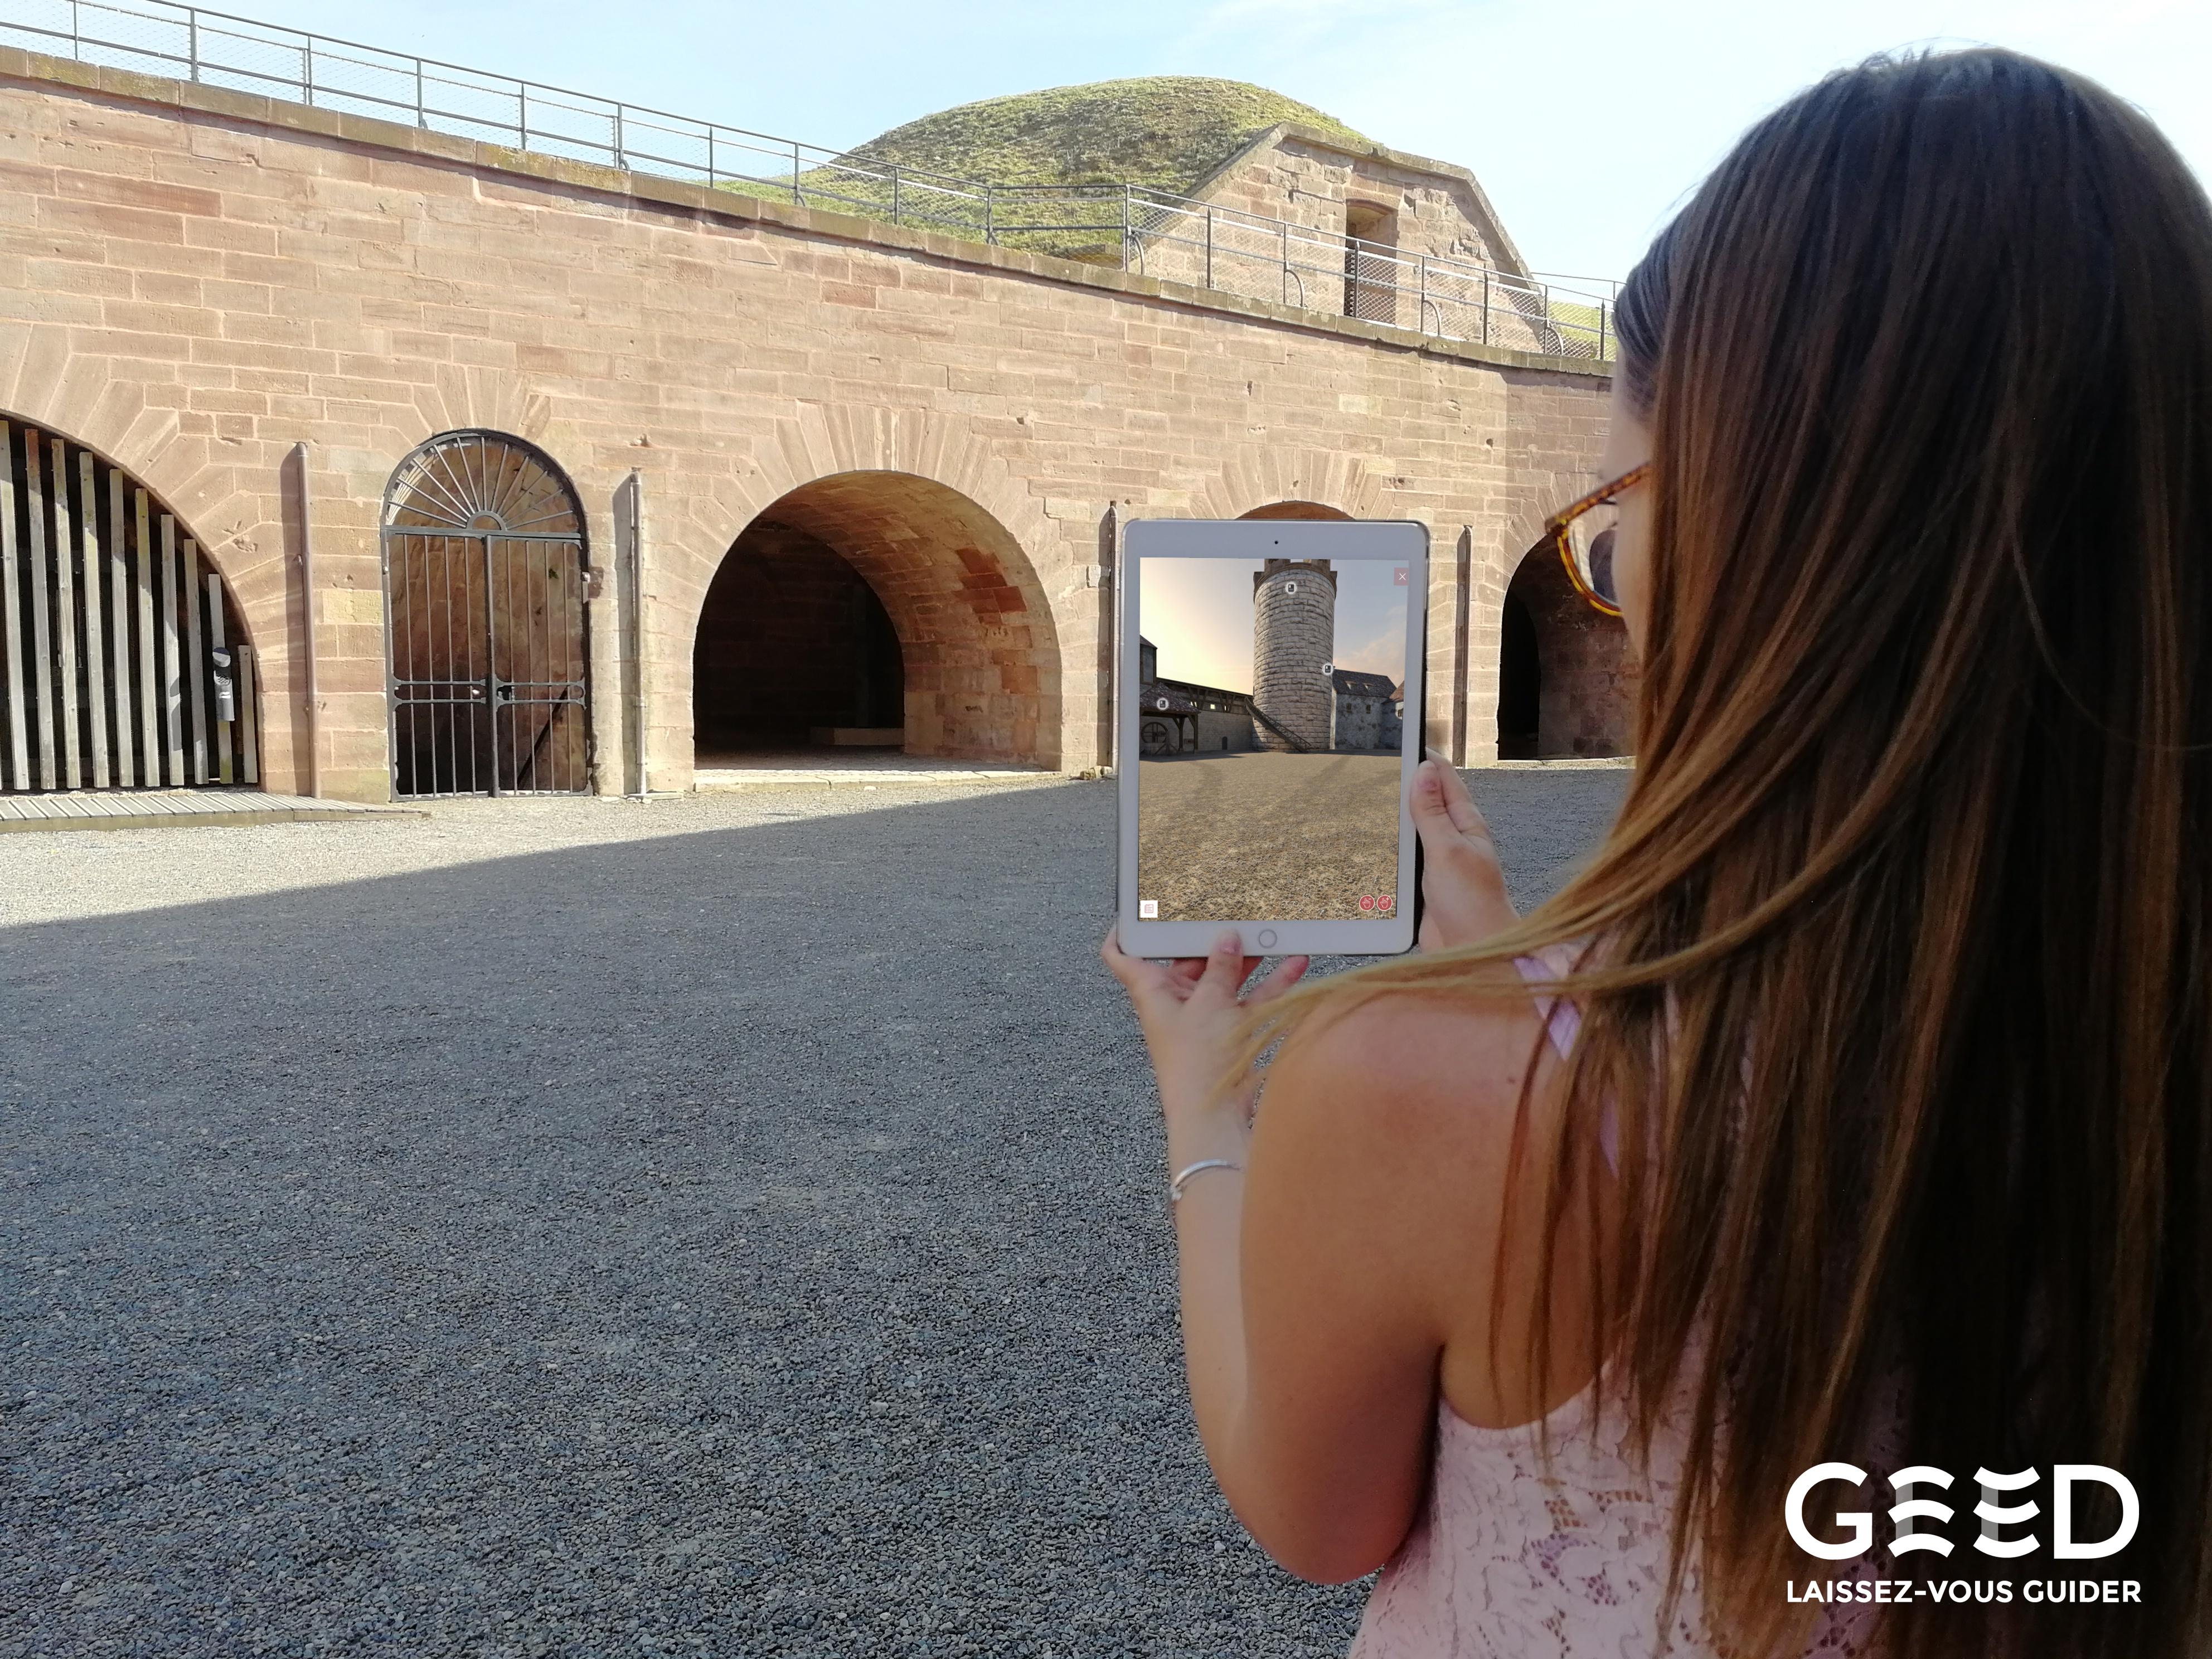 Livdeo-Geed-realite-virtuelle-citadelle-de-belfort